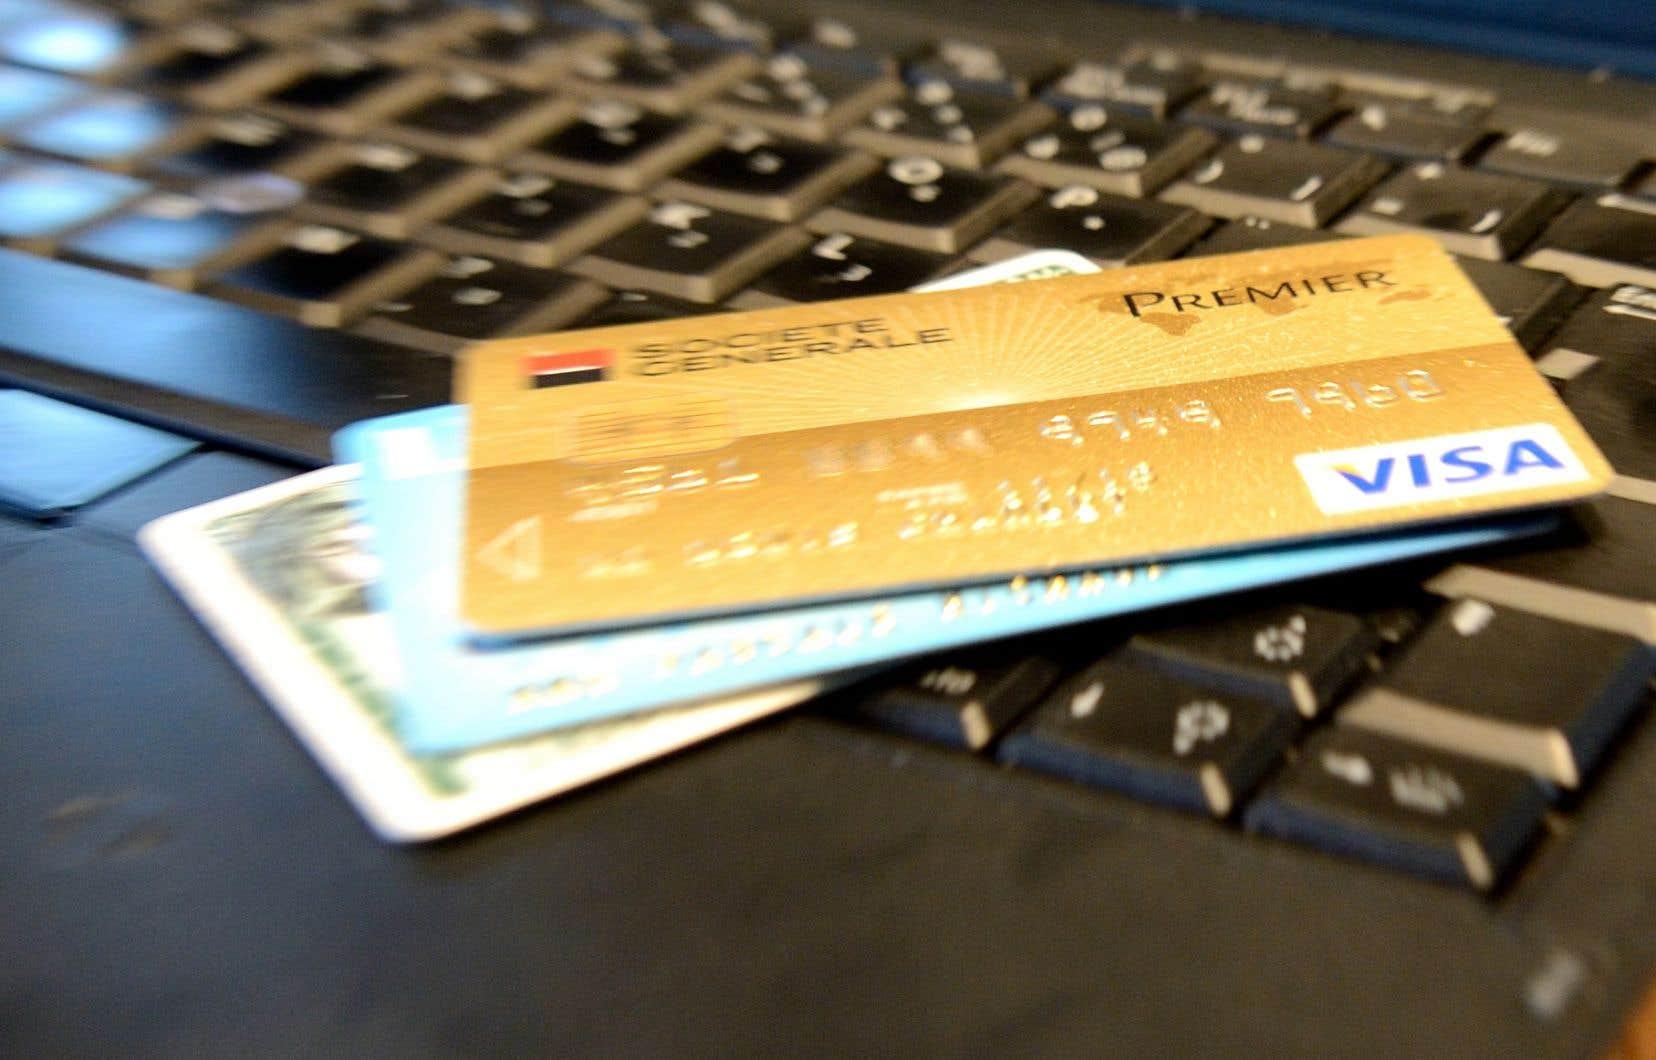 Le changement législatif impose également que, depuis le 1<sup>er</sup>août 2019, tout nouveau contrat de carte de crédit comporte dès le départ un paiement minimum périodique qui ne peut être inférieur à 5% du solde.